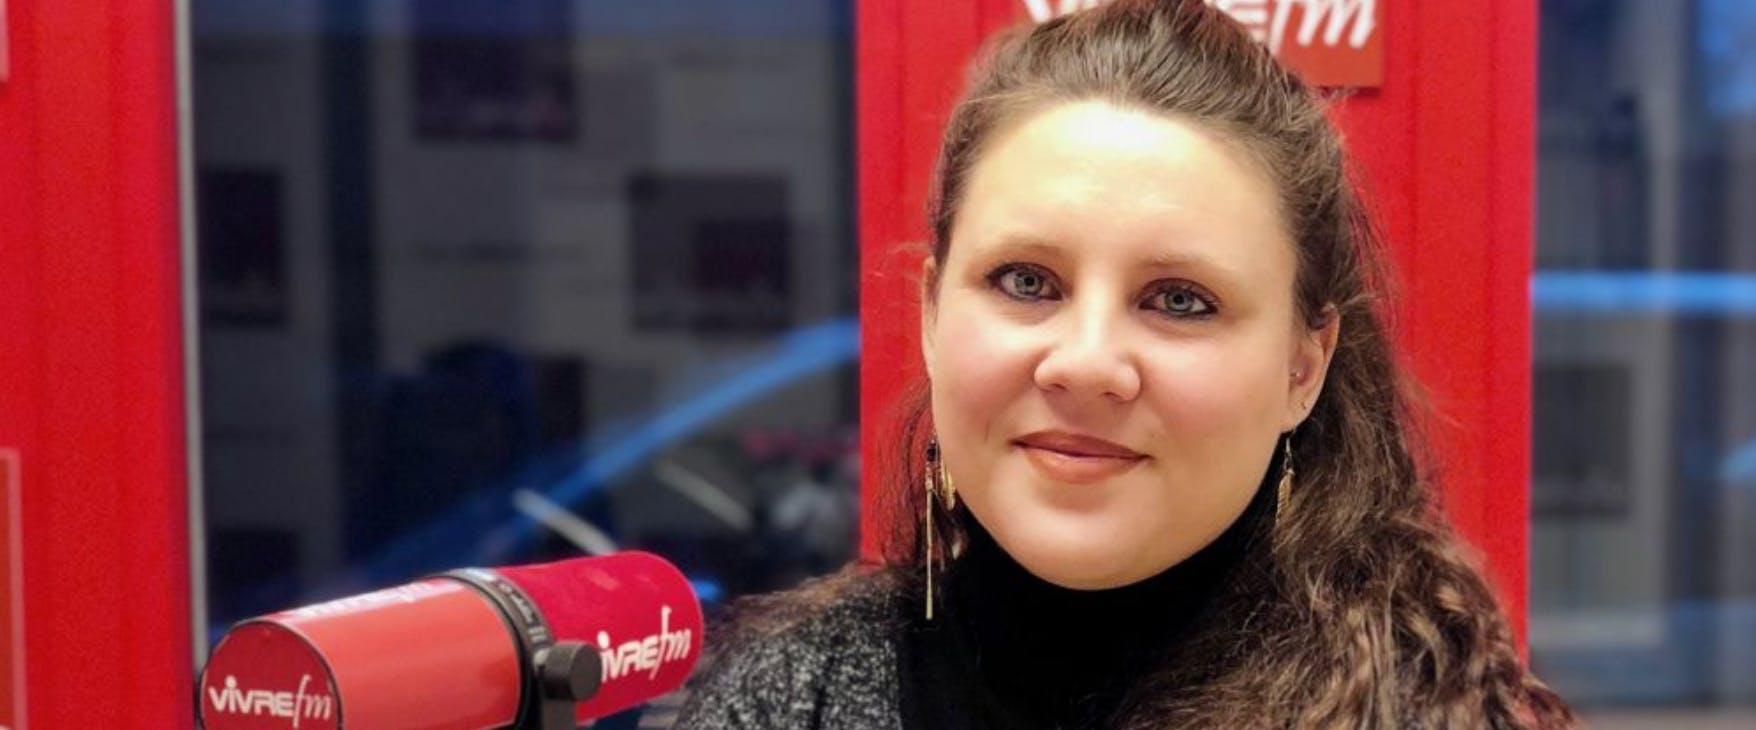 Marion FAVRE LAURIN - Invitée sur Vivre FM pour présenter Marguerite